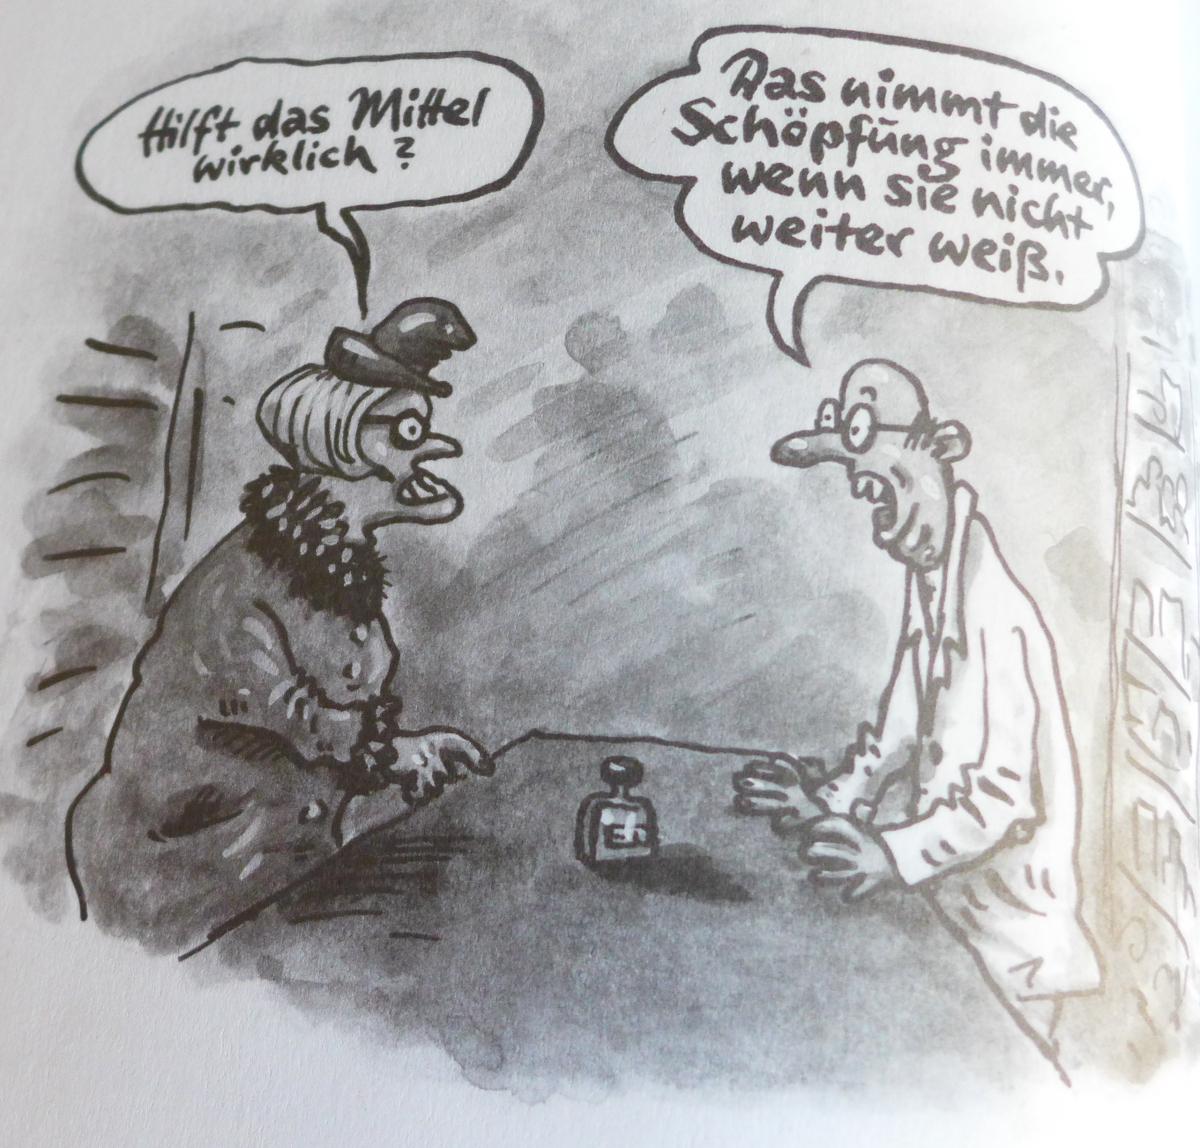 Auf Besondere Weise Verbunden. Denn In Ihrem Zusammenhang Haben Sich Die  Redaktionsmitglieder Dieter Jandt, Torsten Krug Und Andreas Steffens, ...